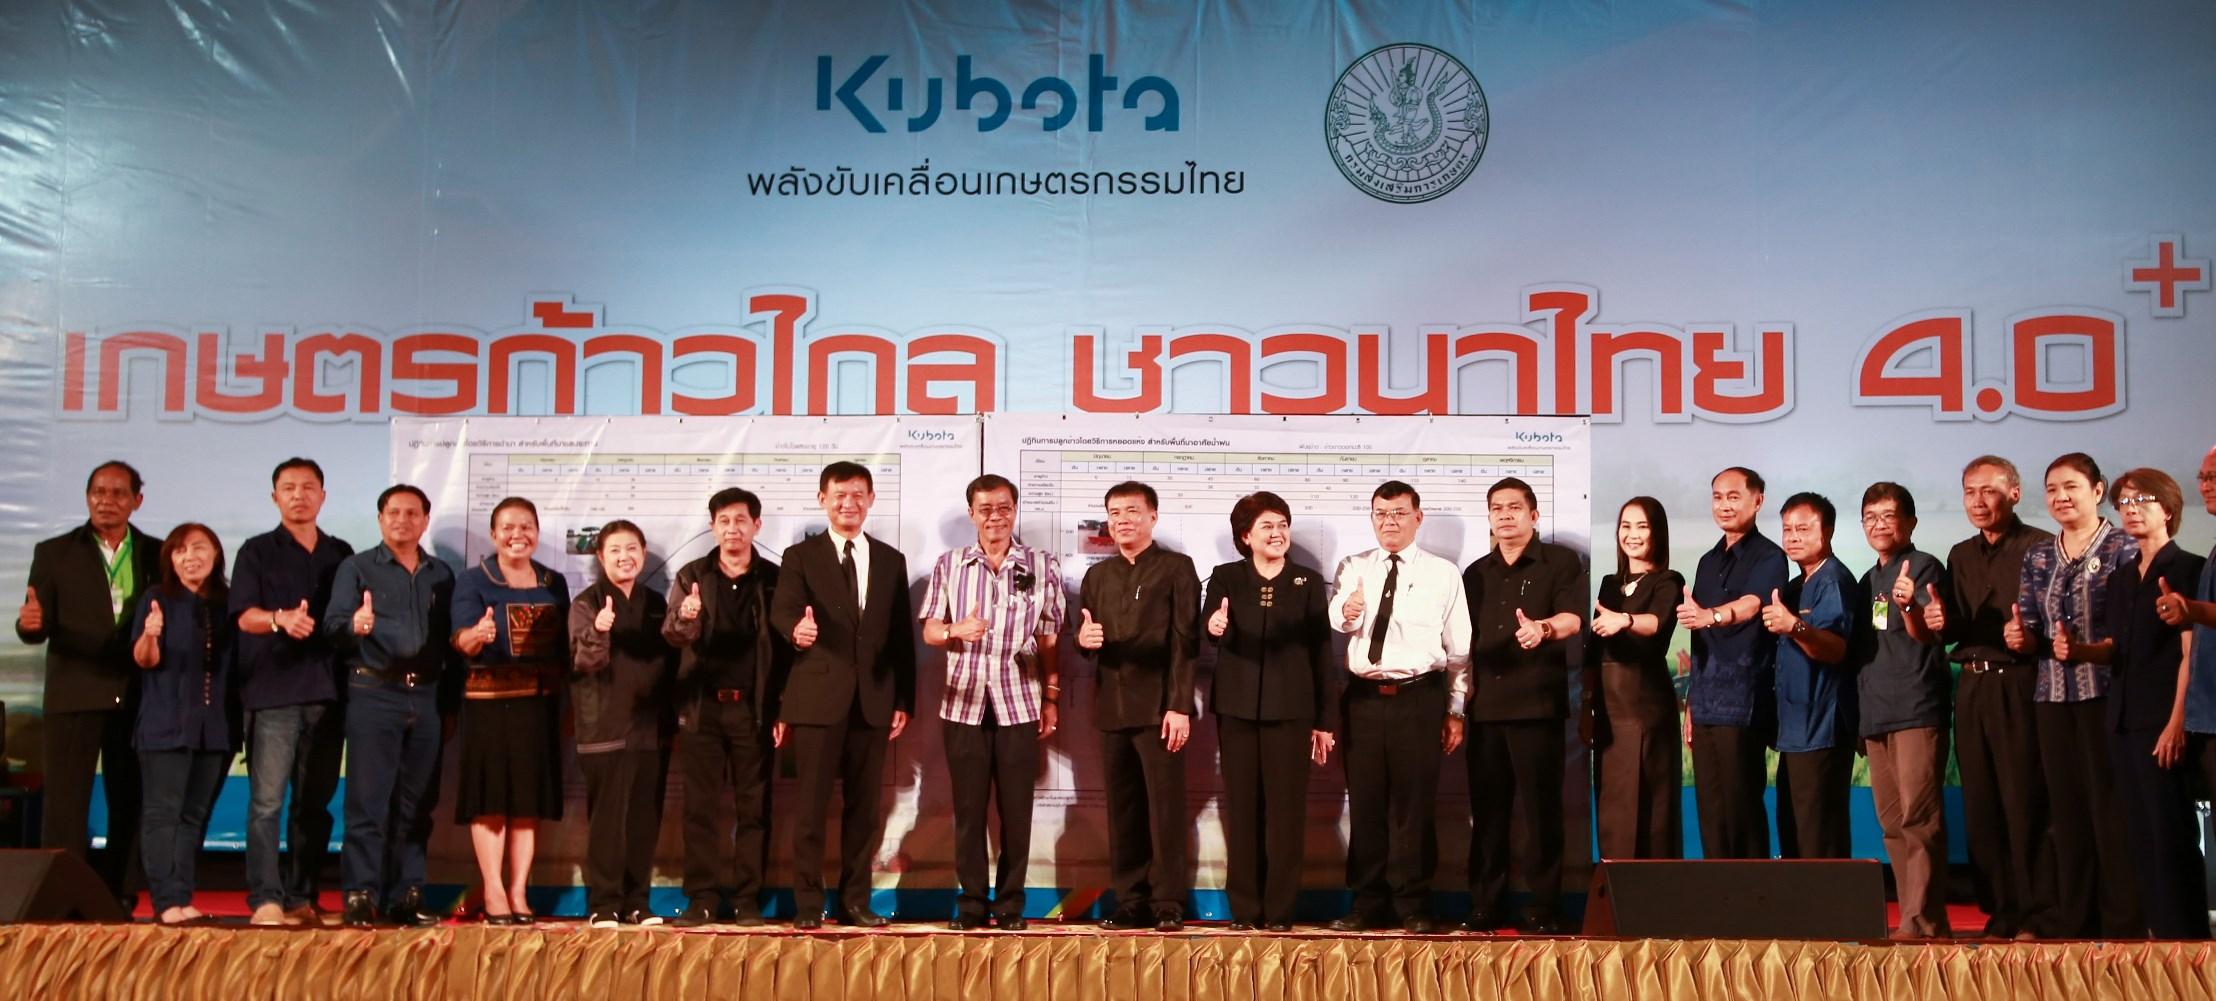 พิธีเปิดงานสัมมนาเกษตรก้าวไกล ชาวนาไทย 4.0+